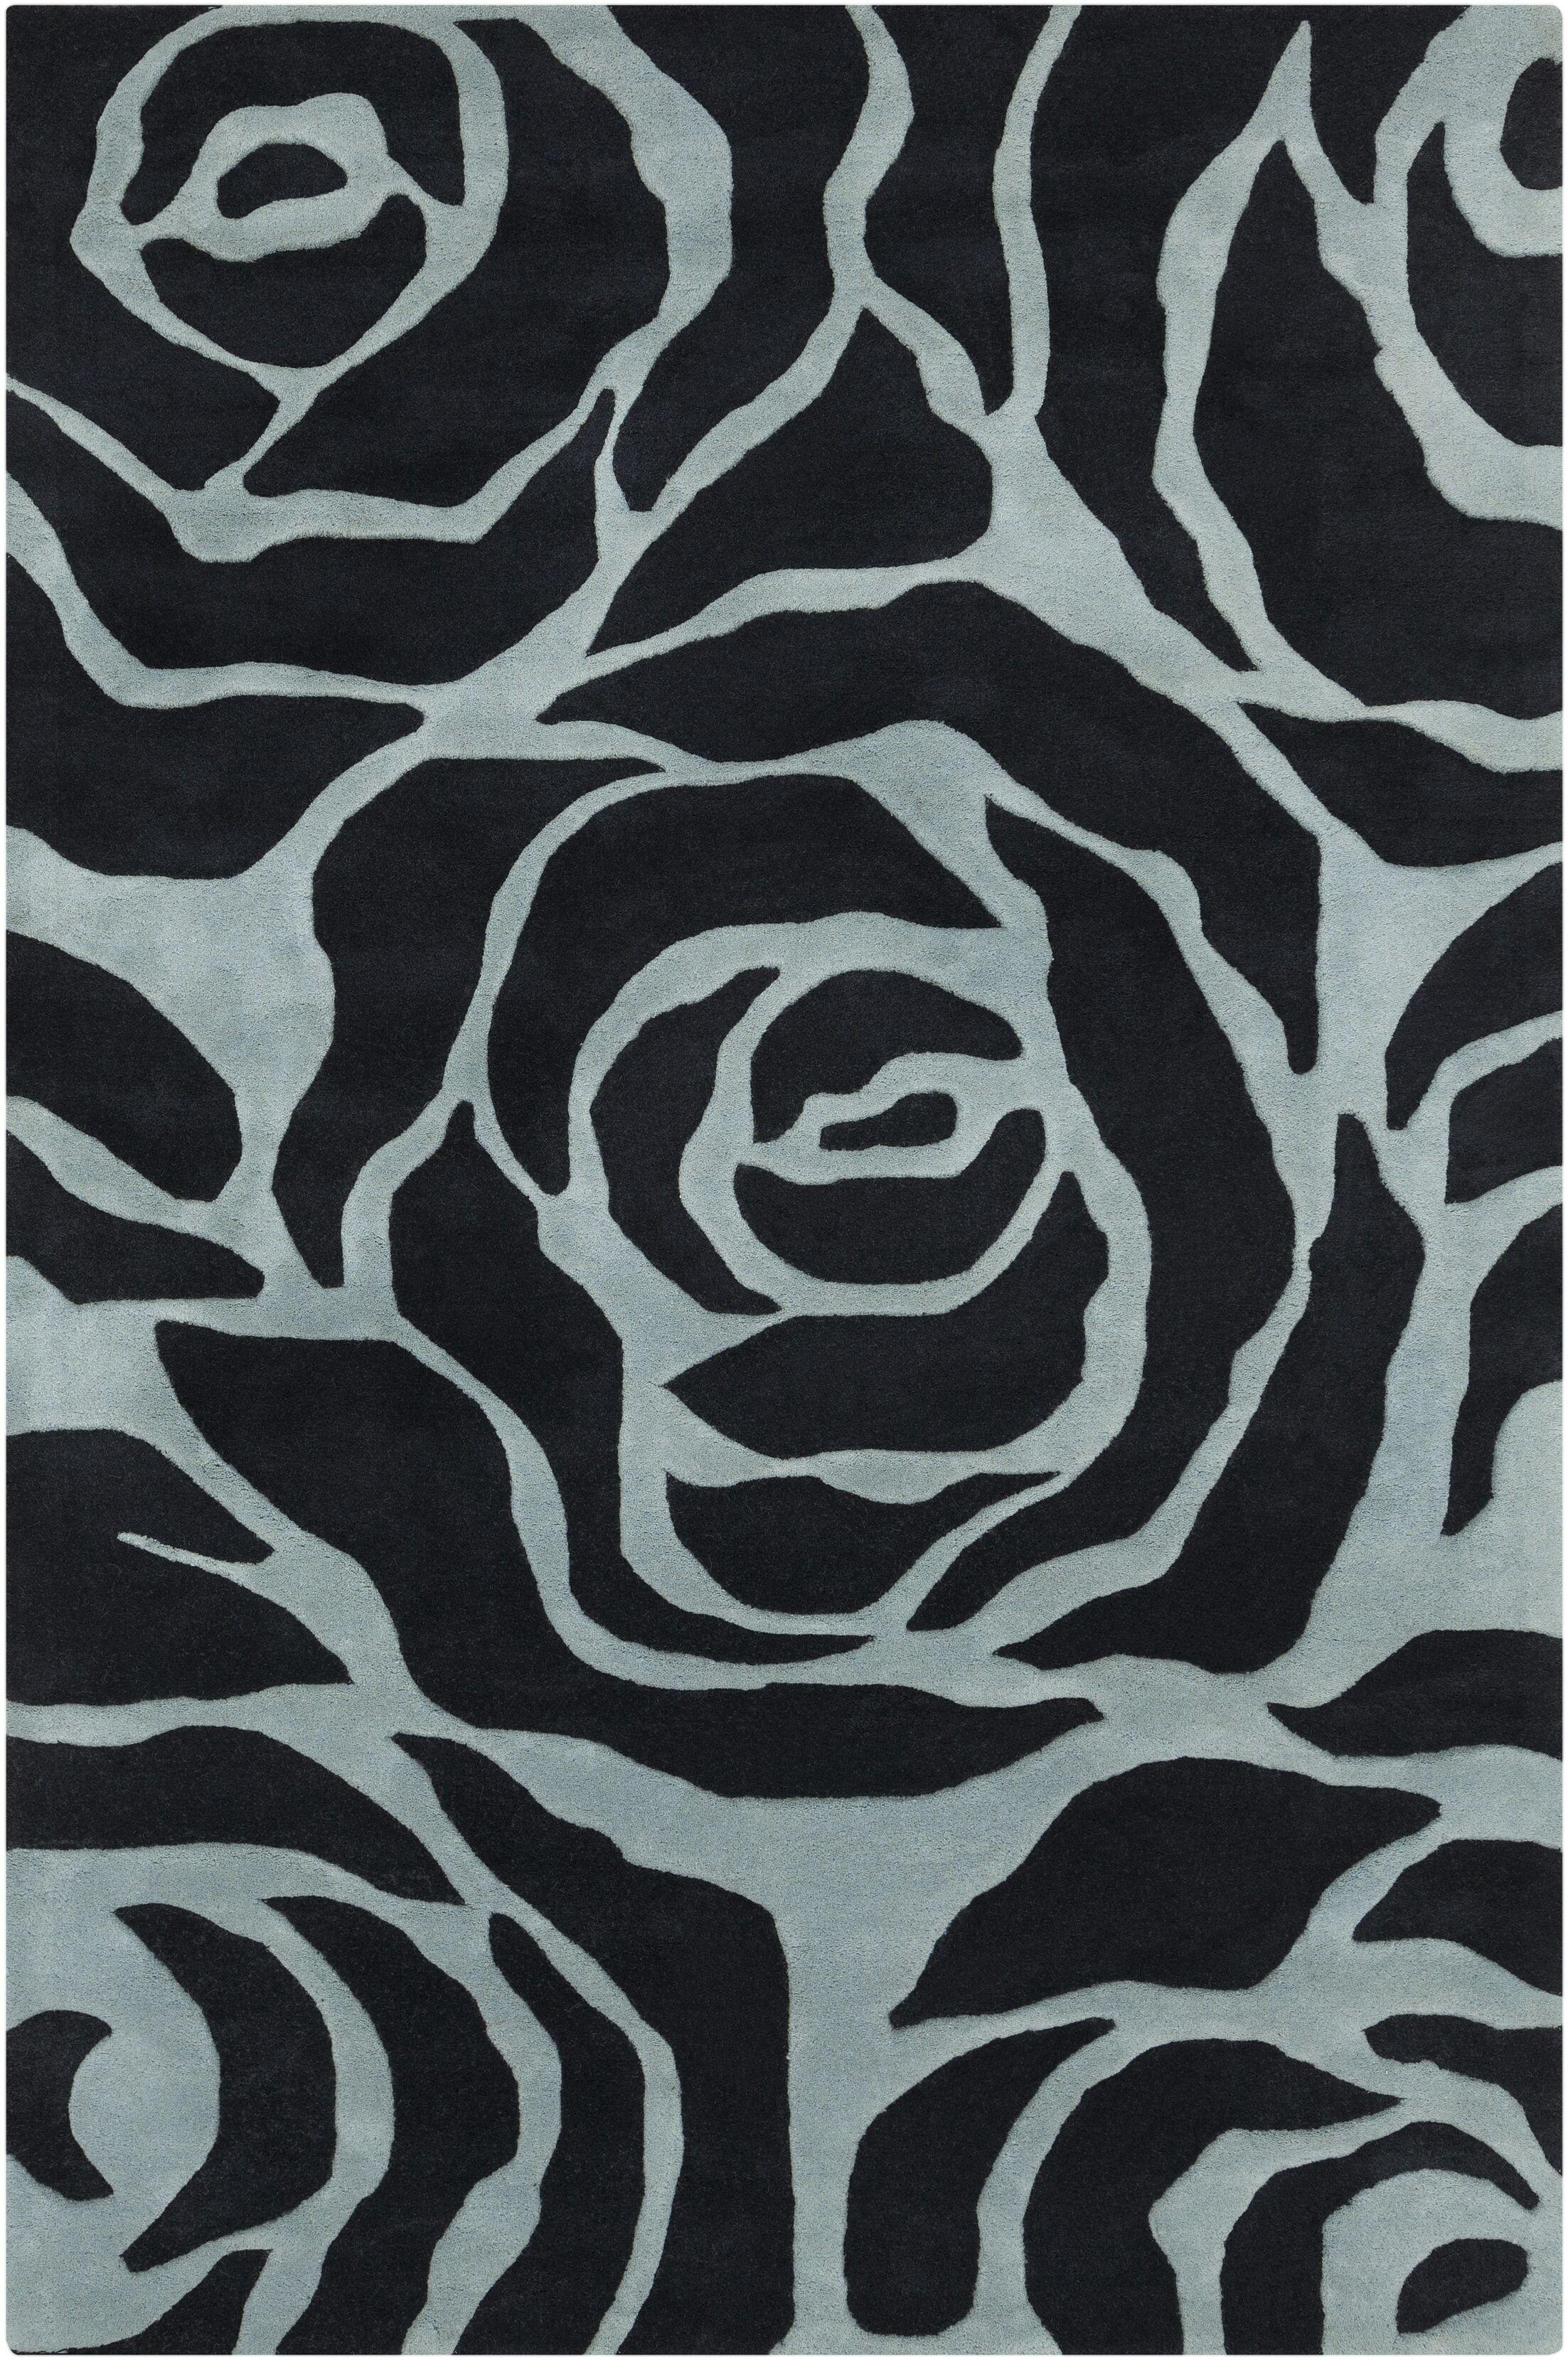 Arae Black/Light Blue Floral Area Rug Rug Size: 7'9